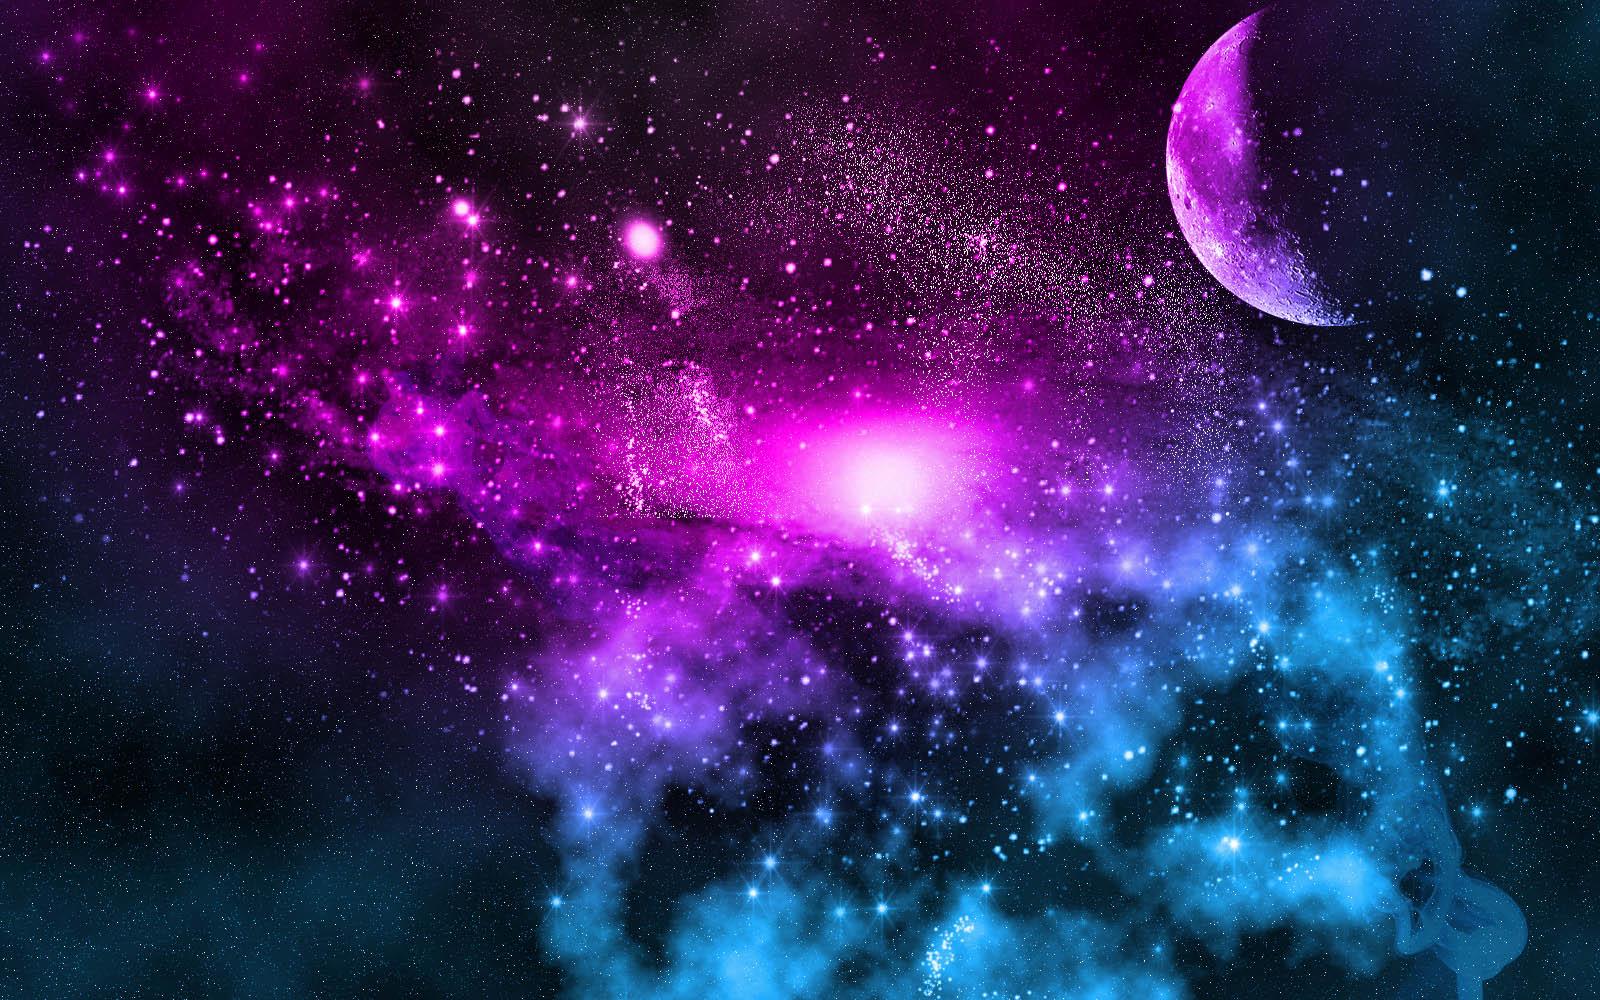 Colorful Galaxy Wallpaper Wallpapersafari